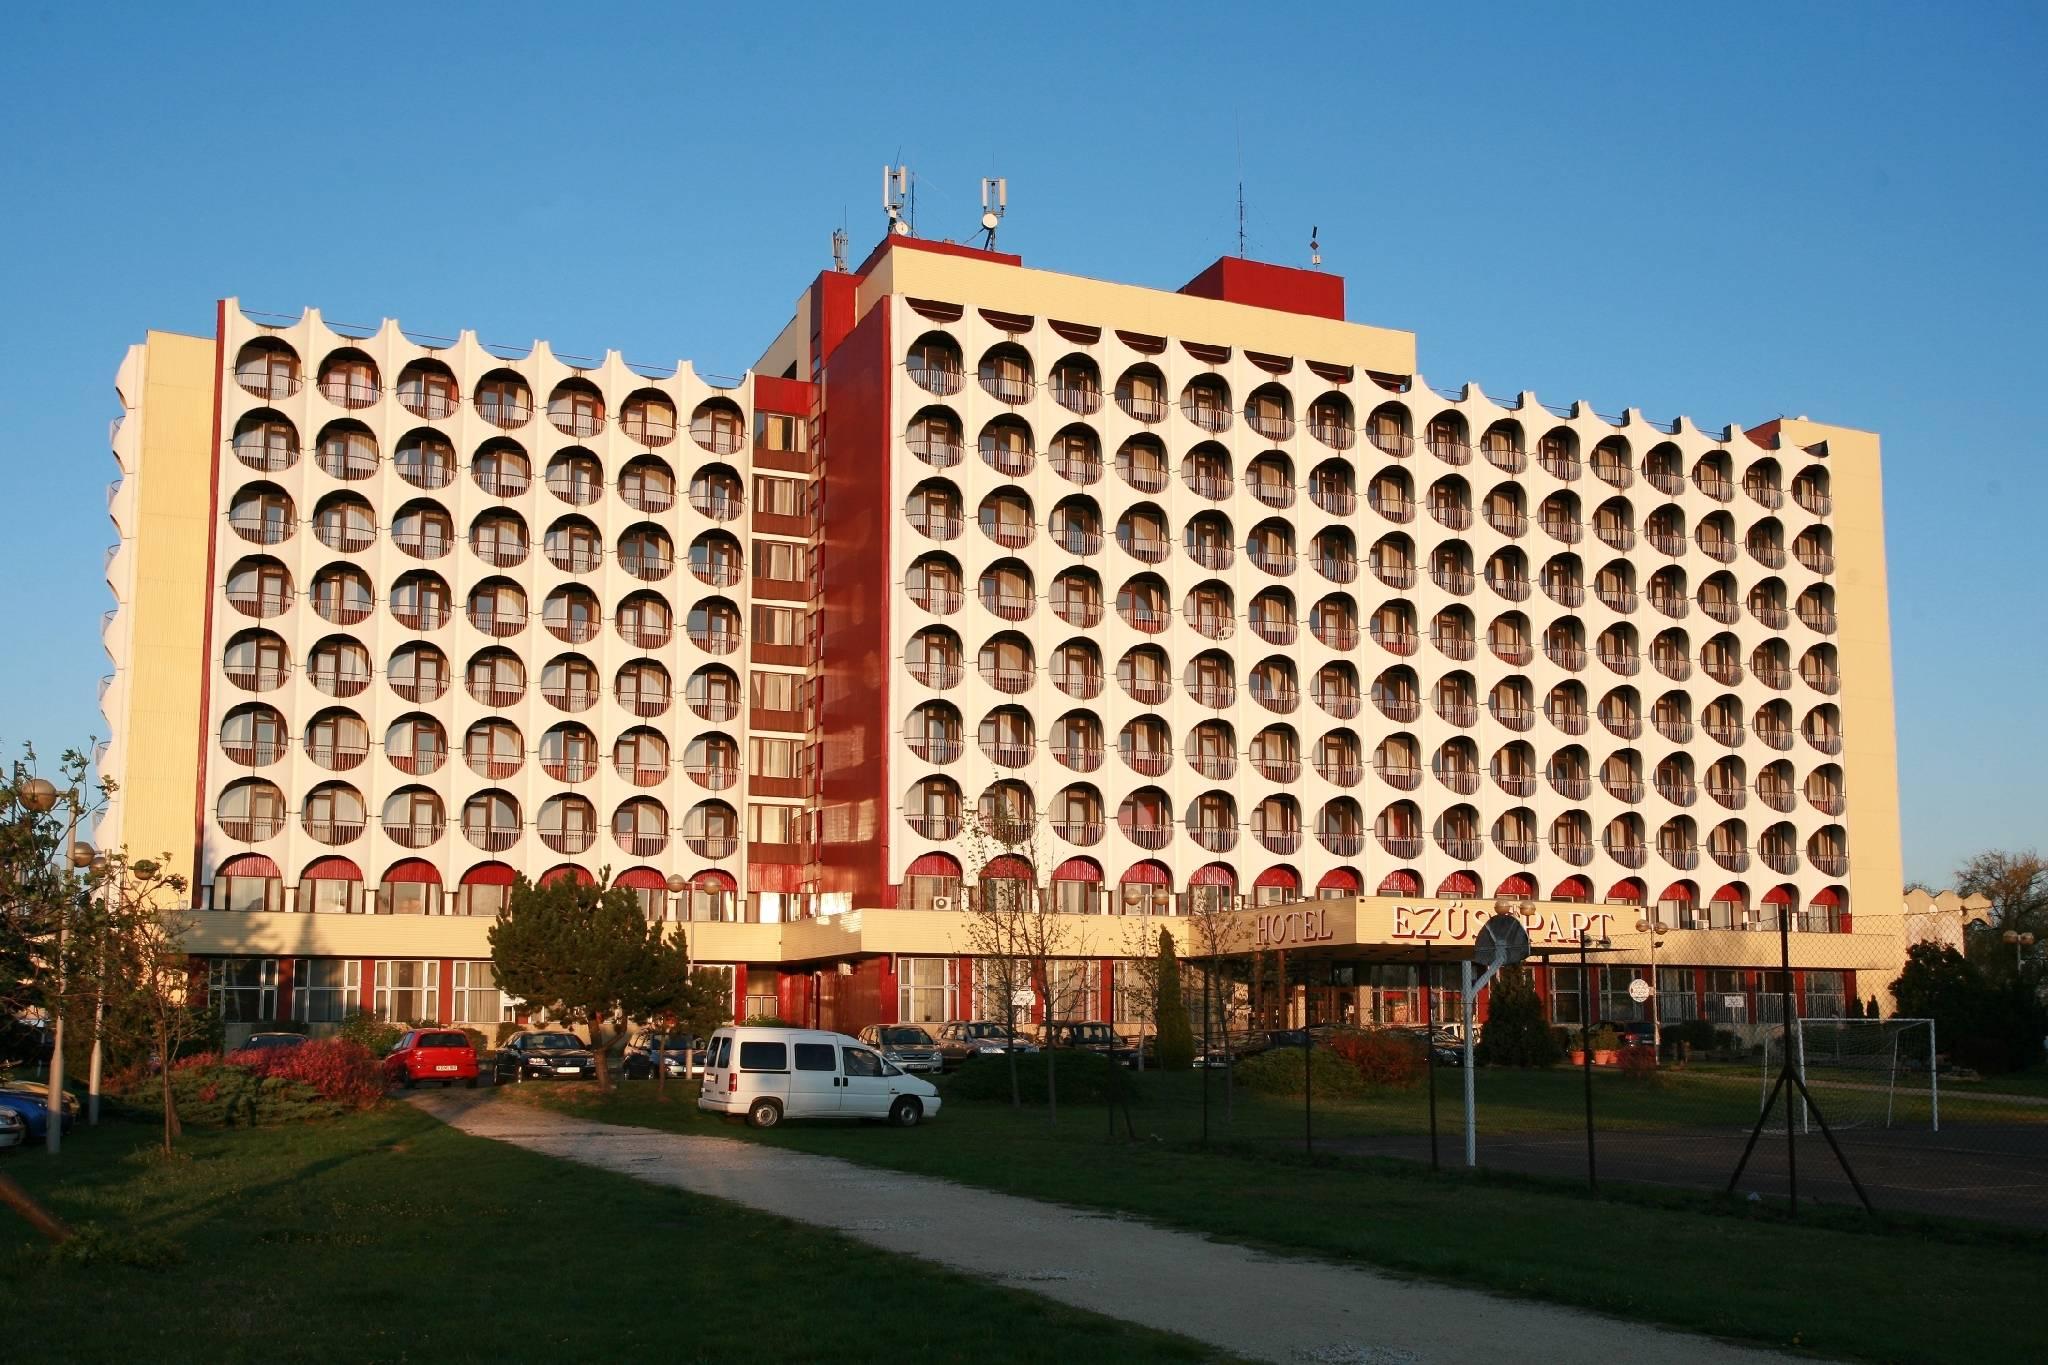 Balatoni panorámás wellness a Hotel Ezüstpartban, akár főszezonban is